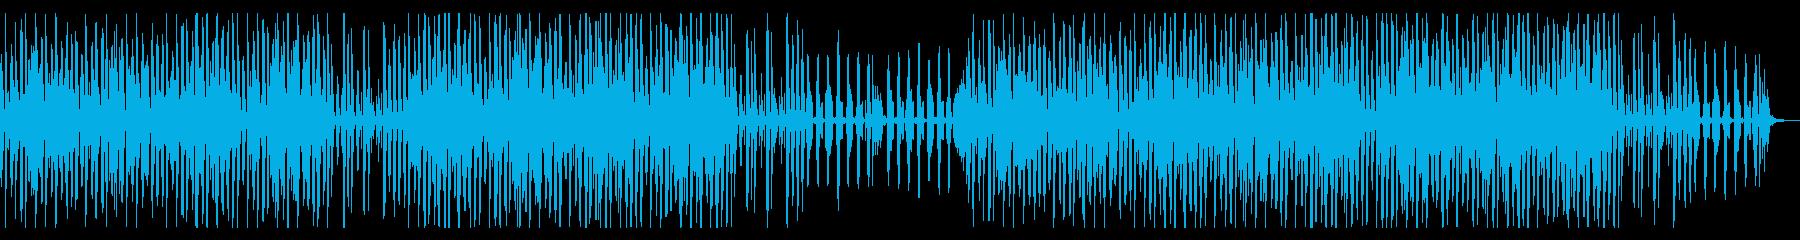 YouTube ピアノ可愛いトークBGMの再生済みの波形